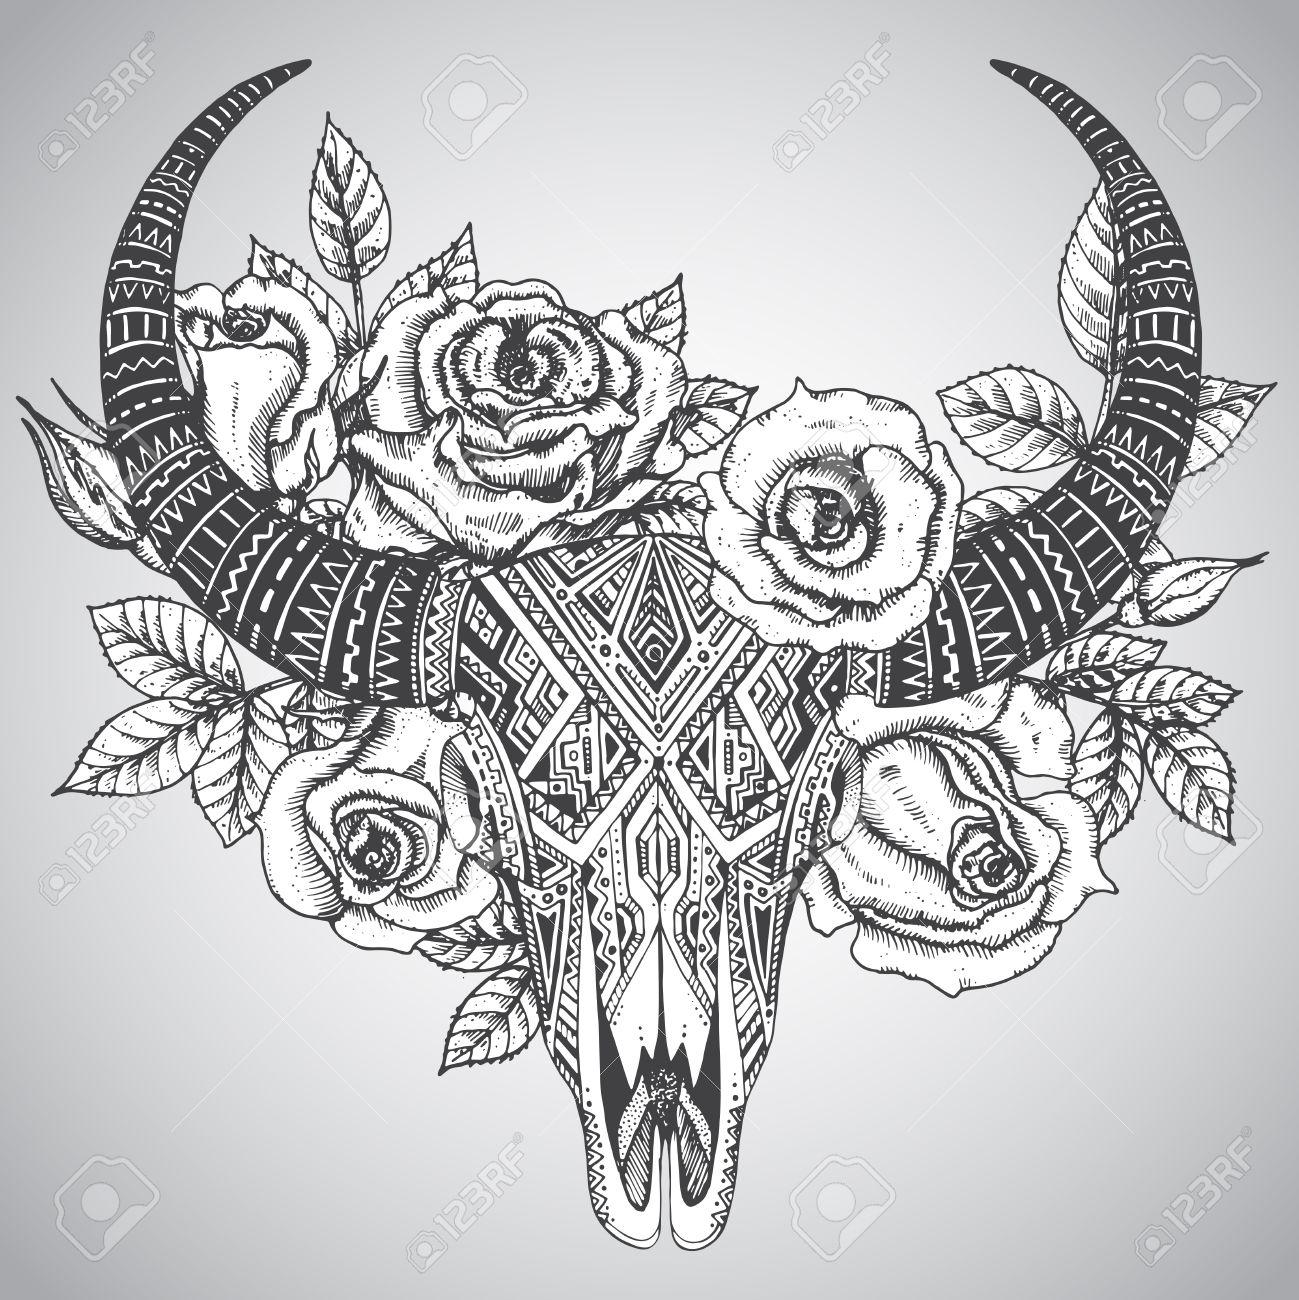 Decoratif Indien Crane De Taureau Dans Tatouage Style Tribal Avec